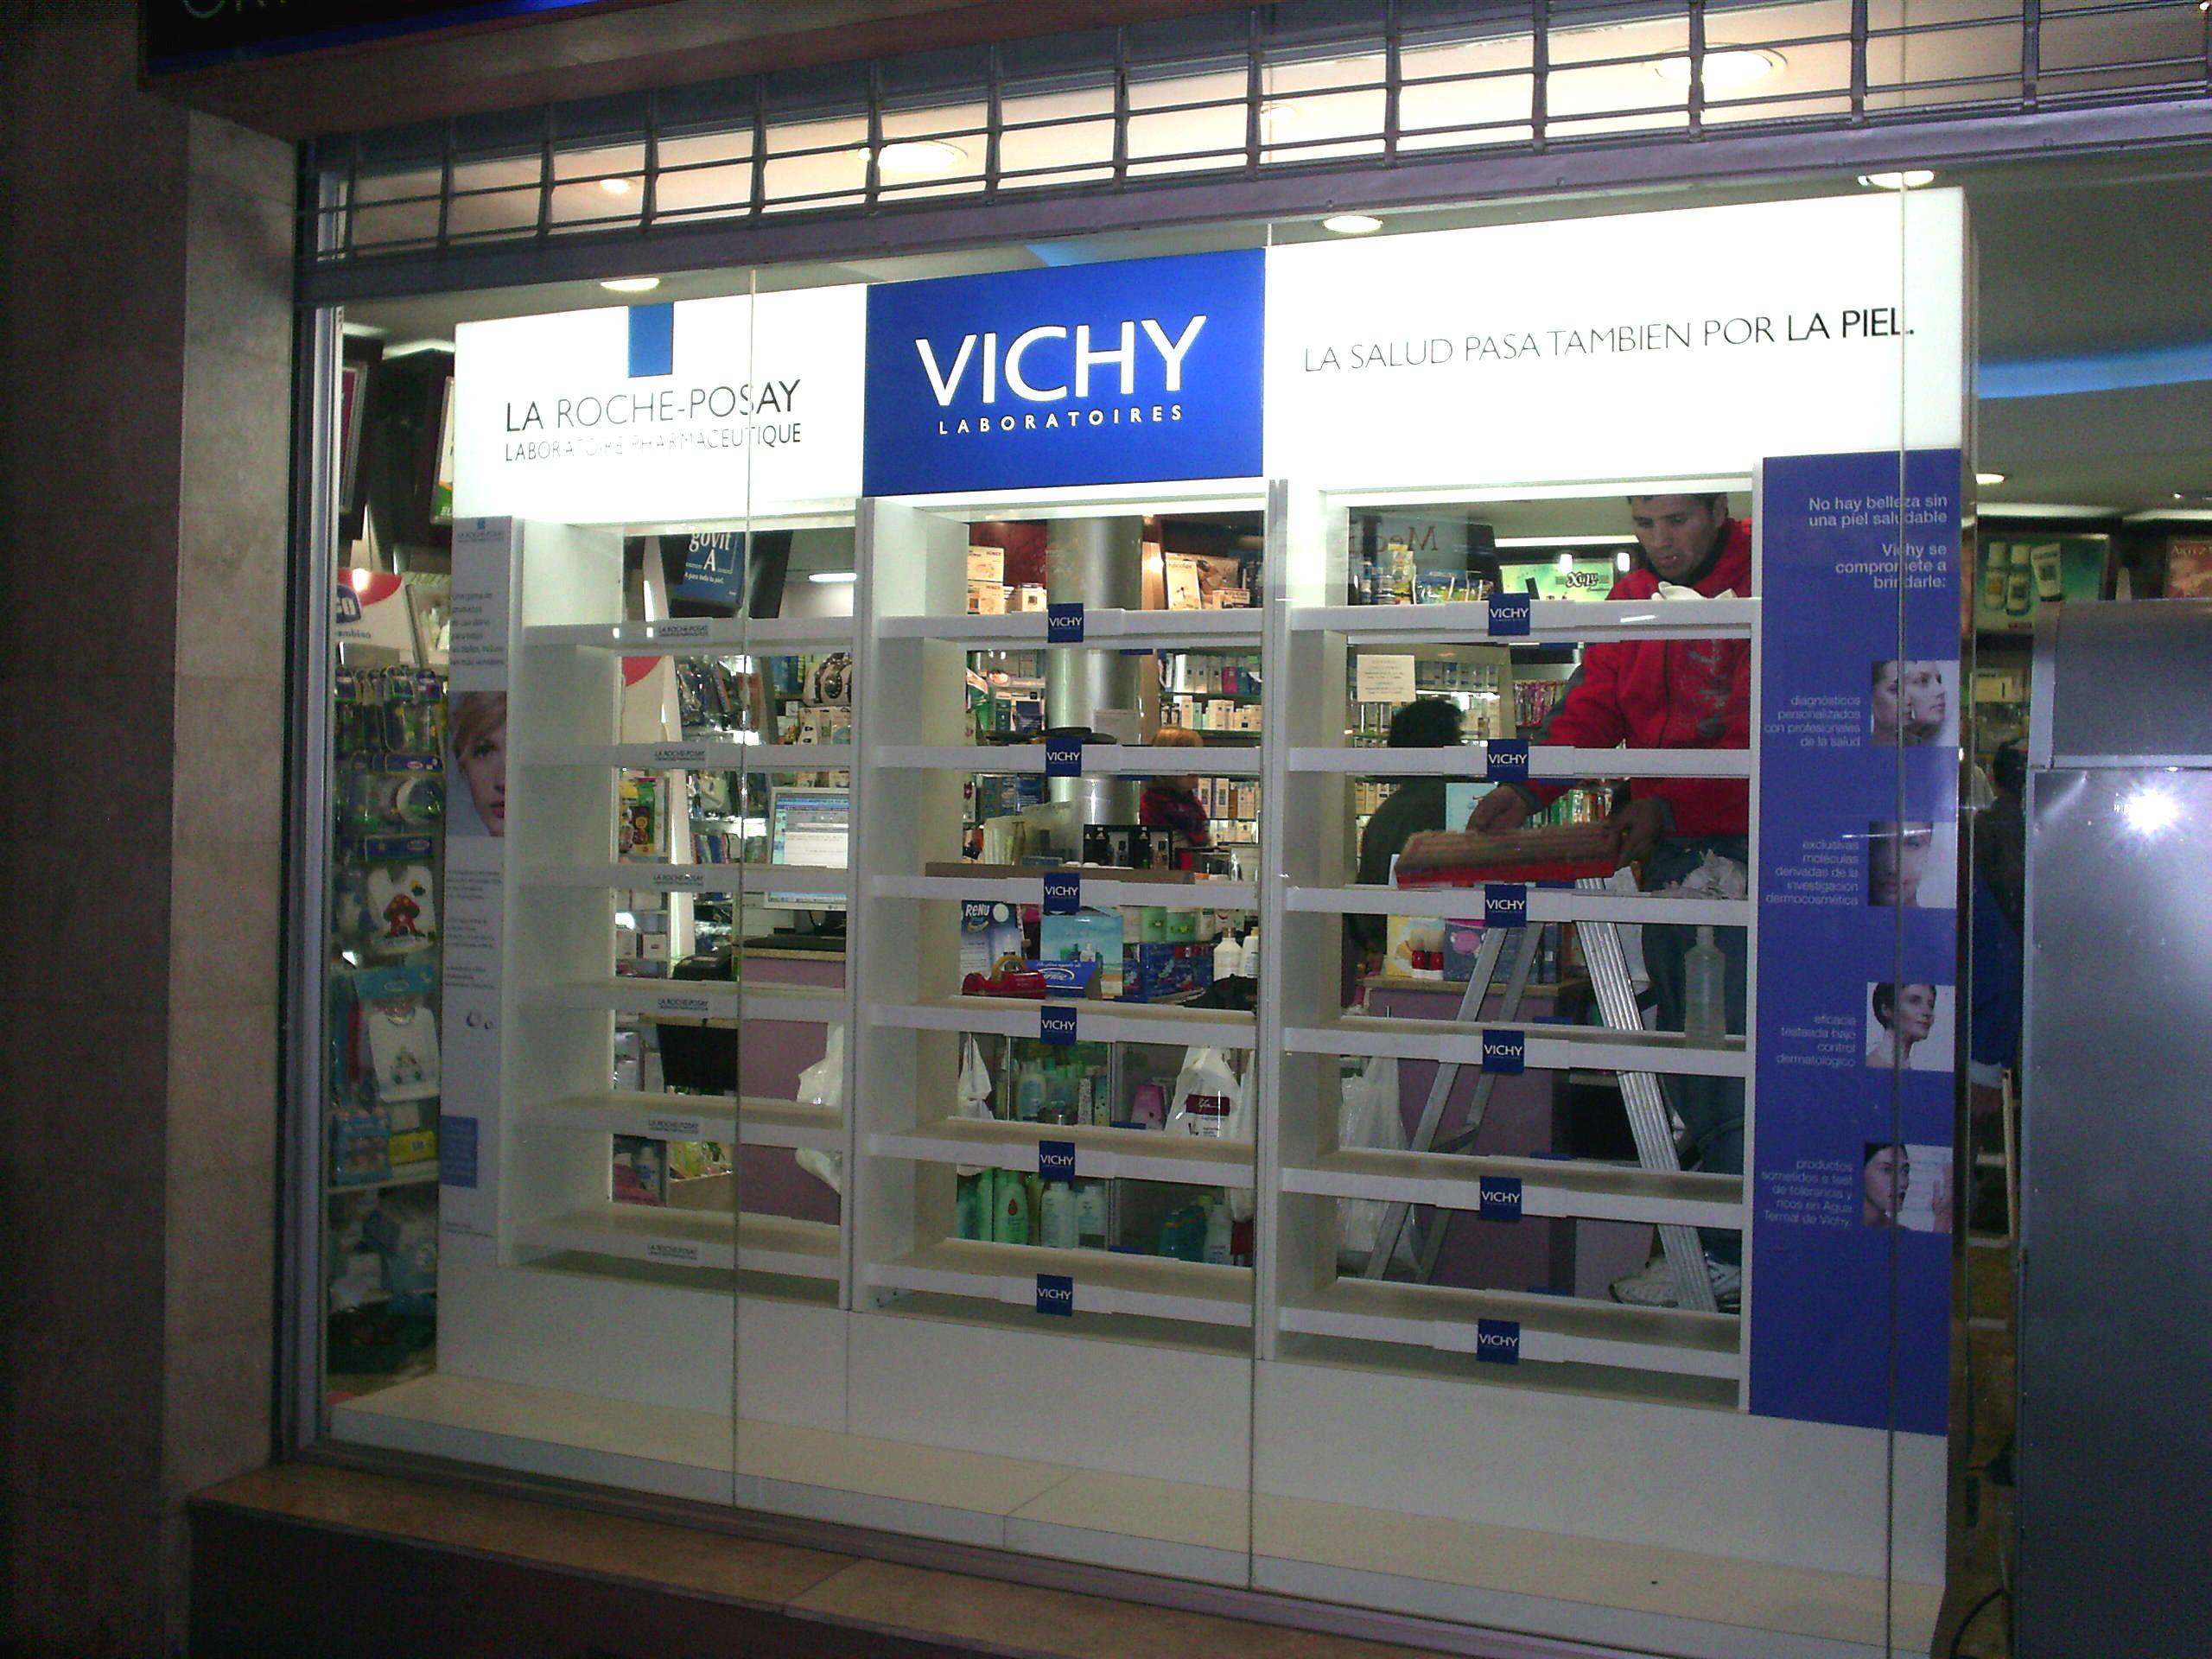 Pin De Estudiomasi En Muebles De Farmacia Pinterest Farmacia # Muebles Farmacia